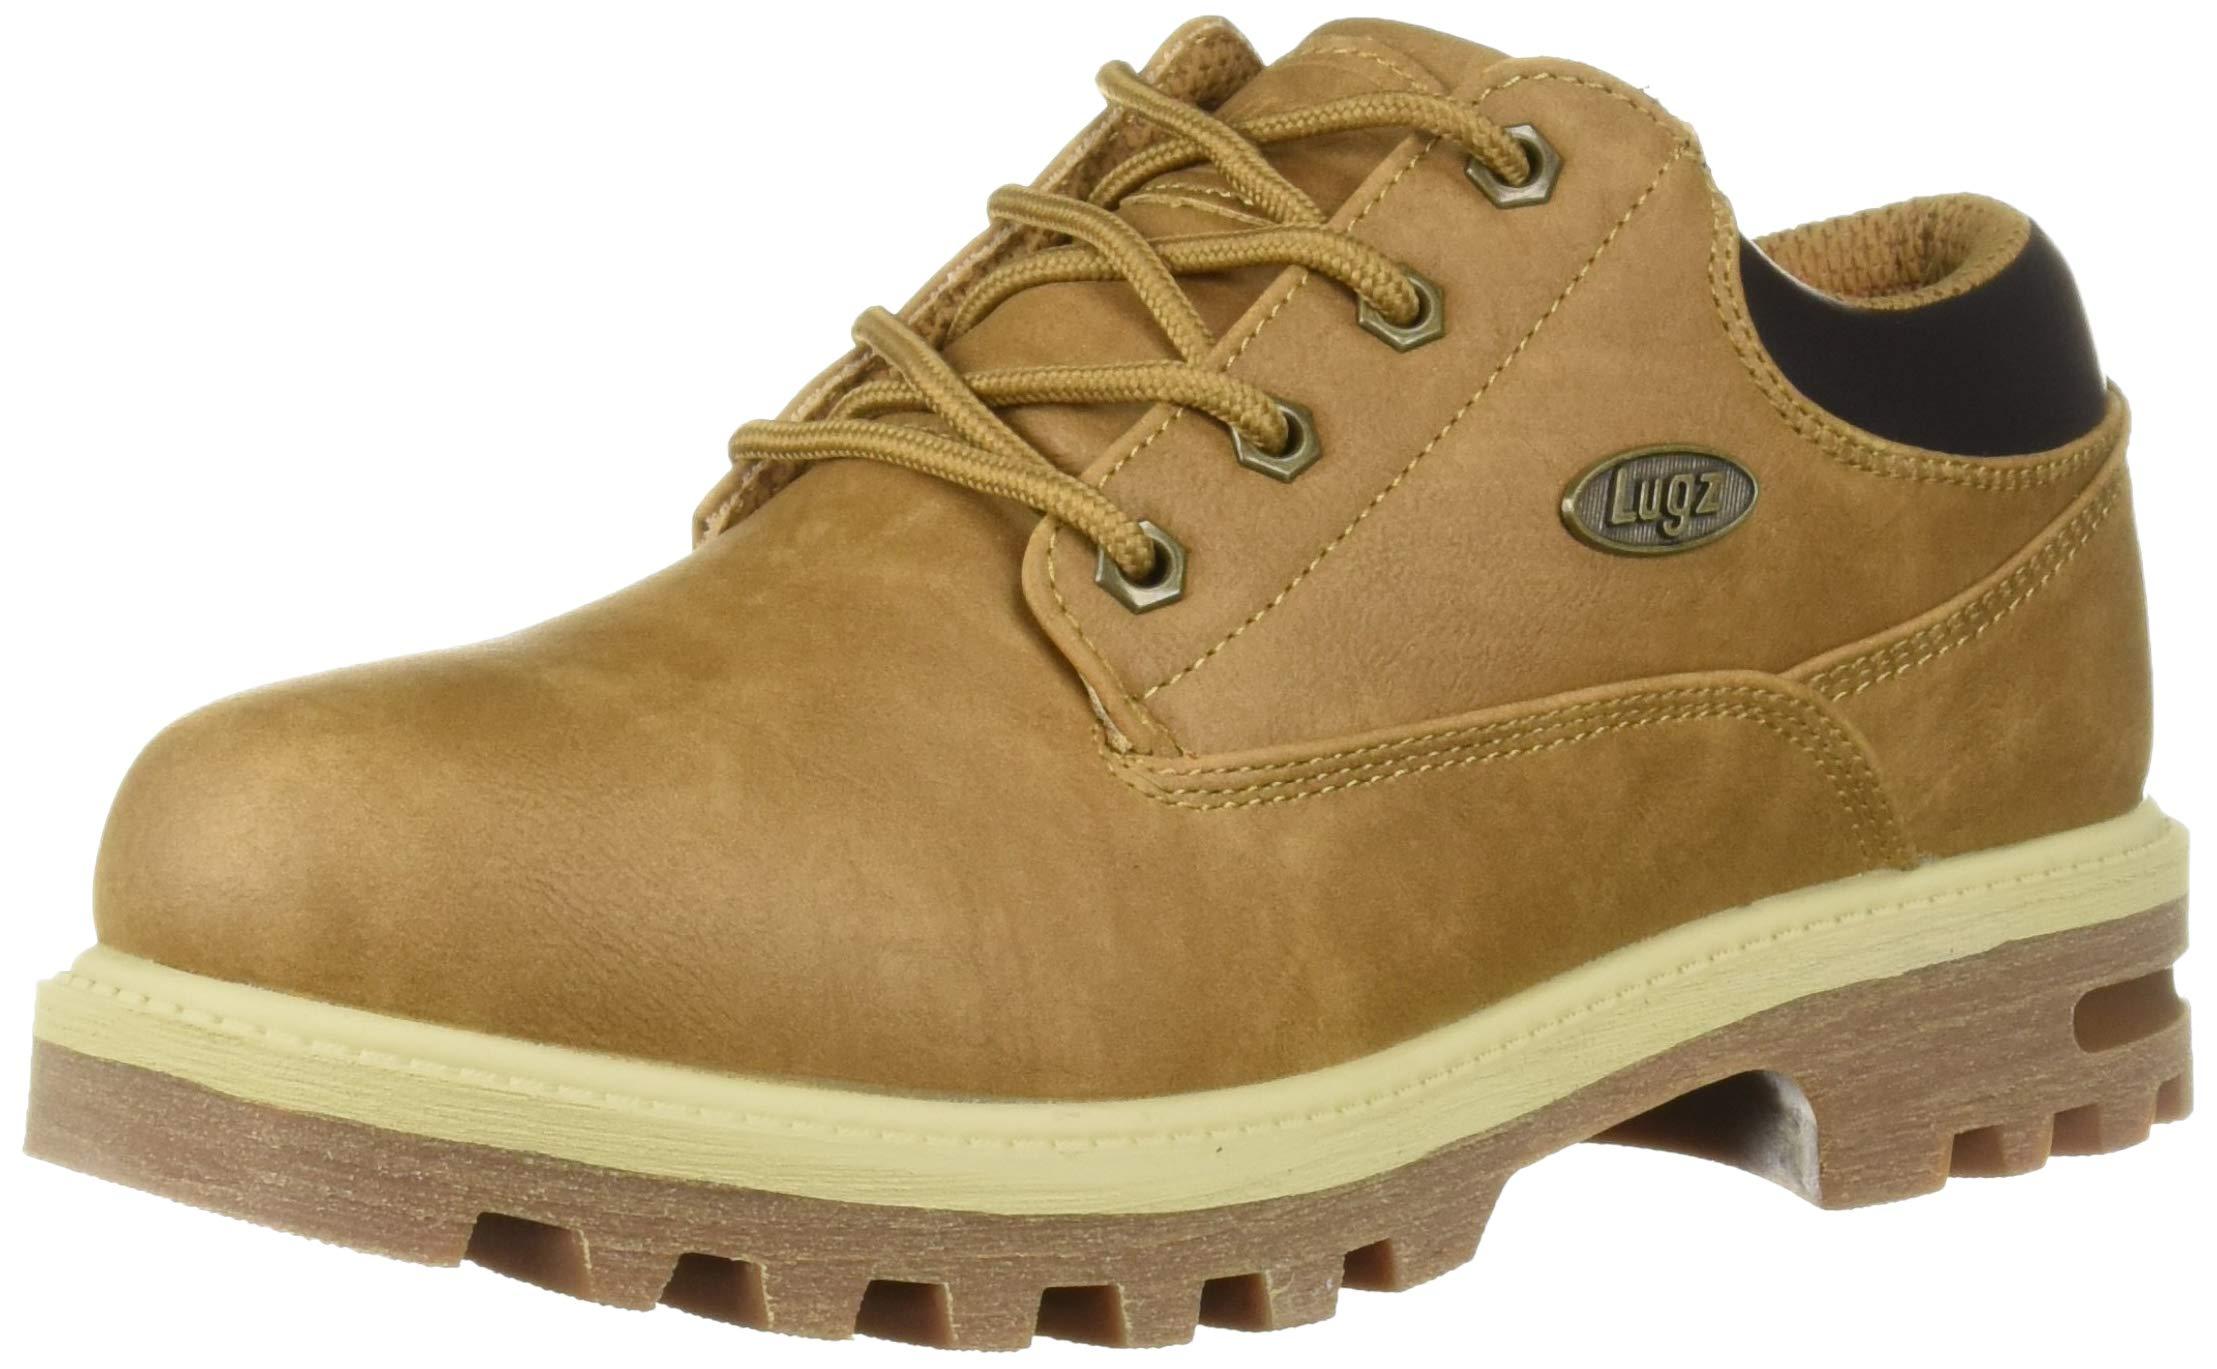 Lugz Men's Empire Lo WR Oxford Boot Autumn Wheat/bark/Cream/Gum 9.5 D US